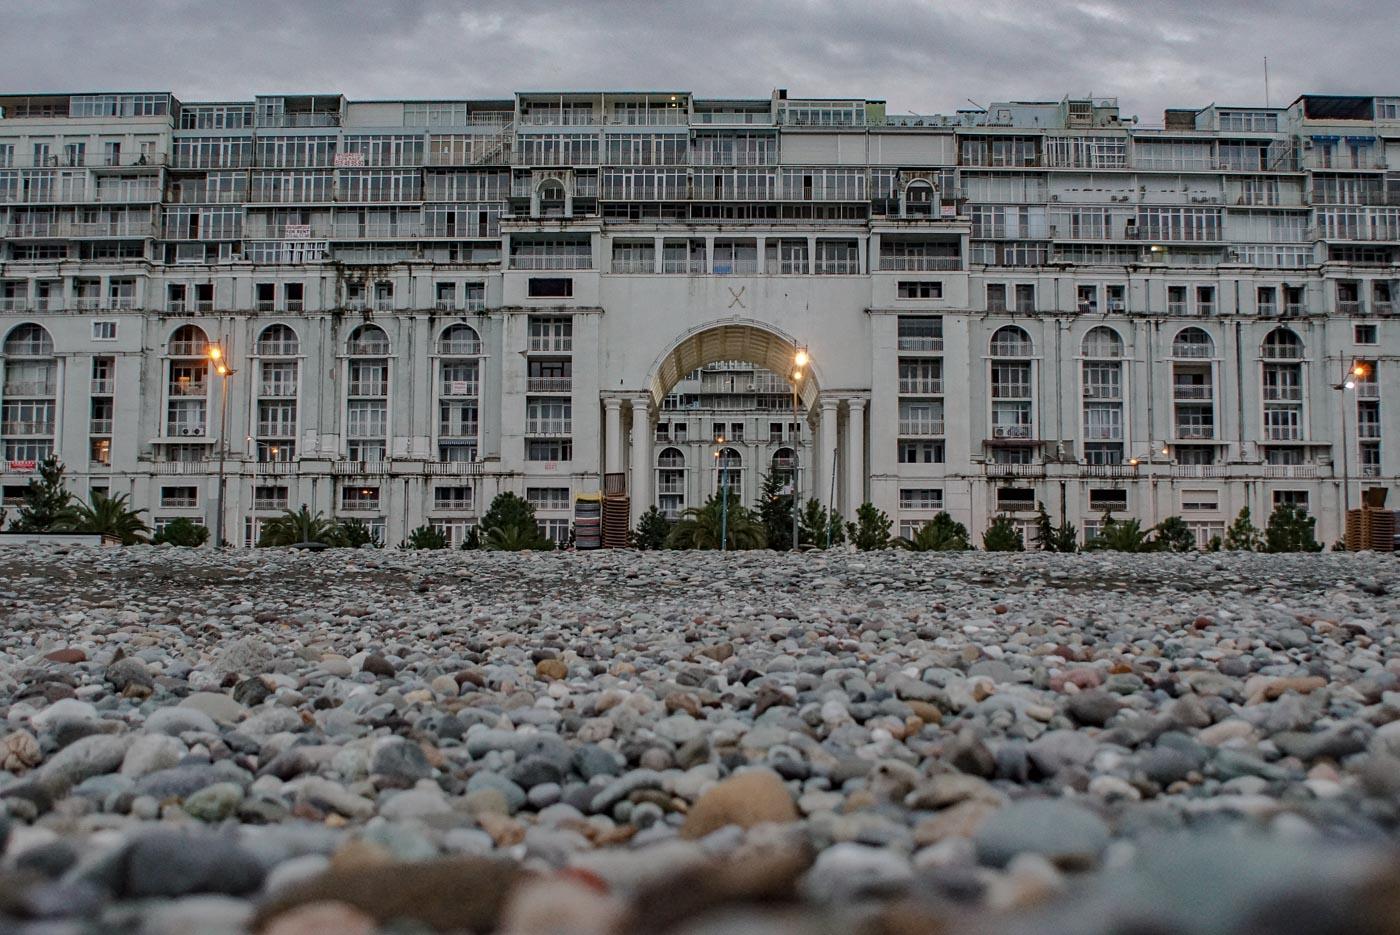 Zu sehen ist von Bodennähe aus aufgenommen ein Blick auf das Eingangstor des vielleicht größten Hauses von Batumi. Über 120 m breit und zunächst 7 Stockwerke hoch. Man kann deutlich erkennen, dass danach noch weitere fünf Stockwerke aufgebaut wurden. Ein beeindruckendes Gebäude